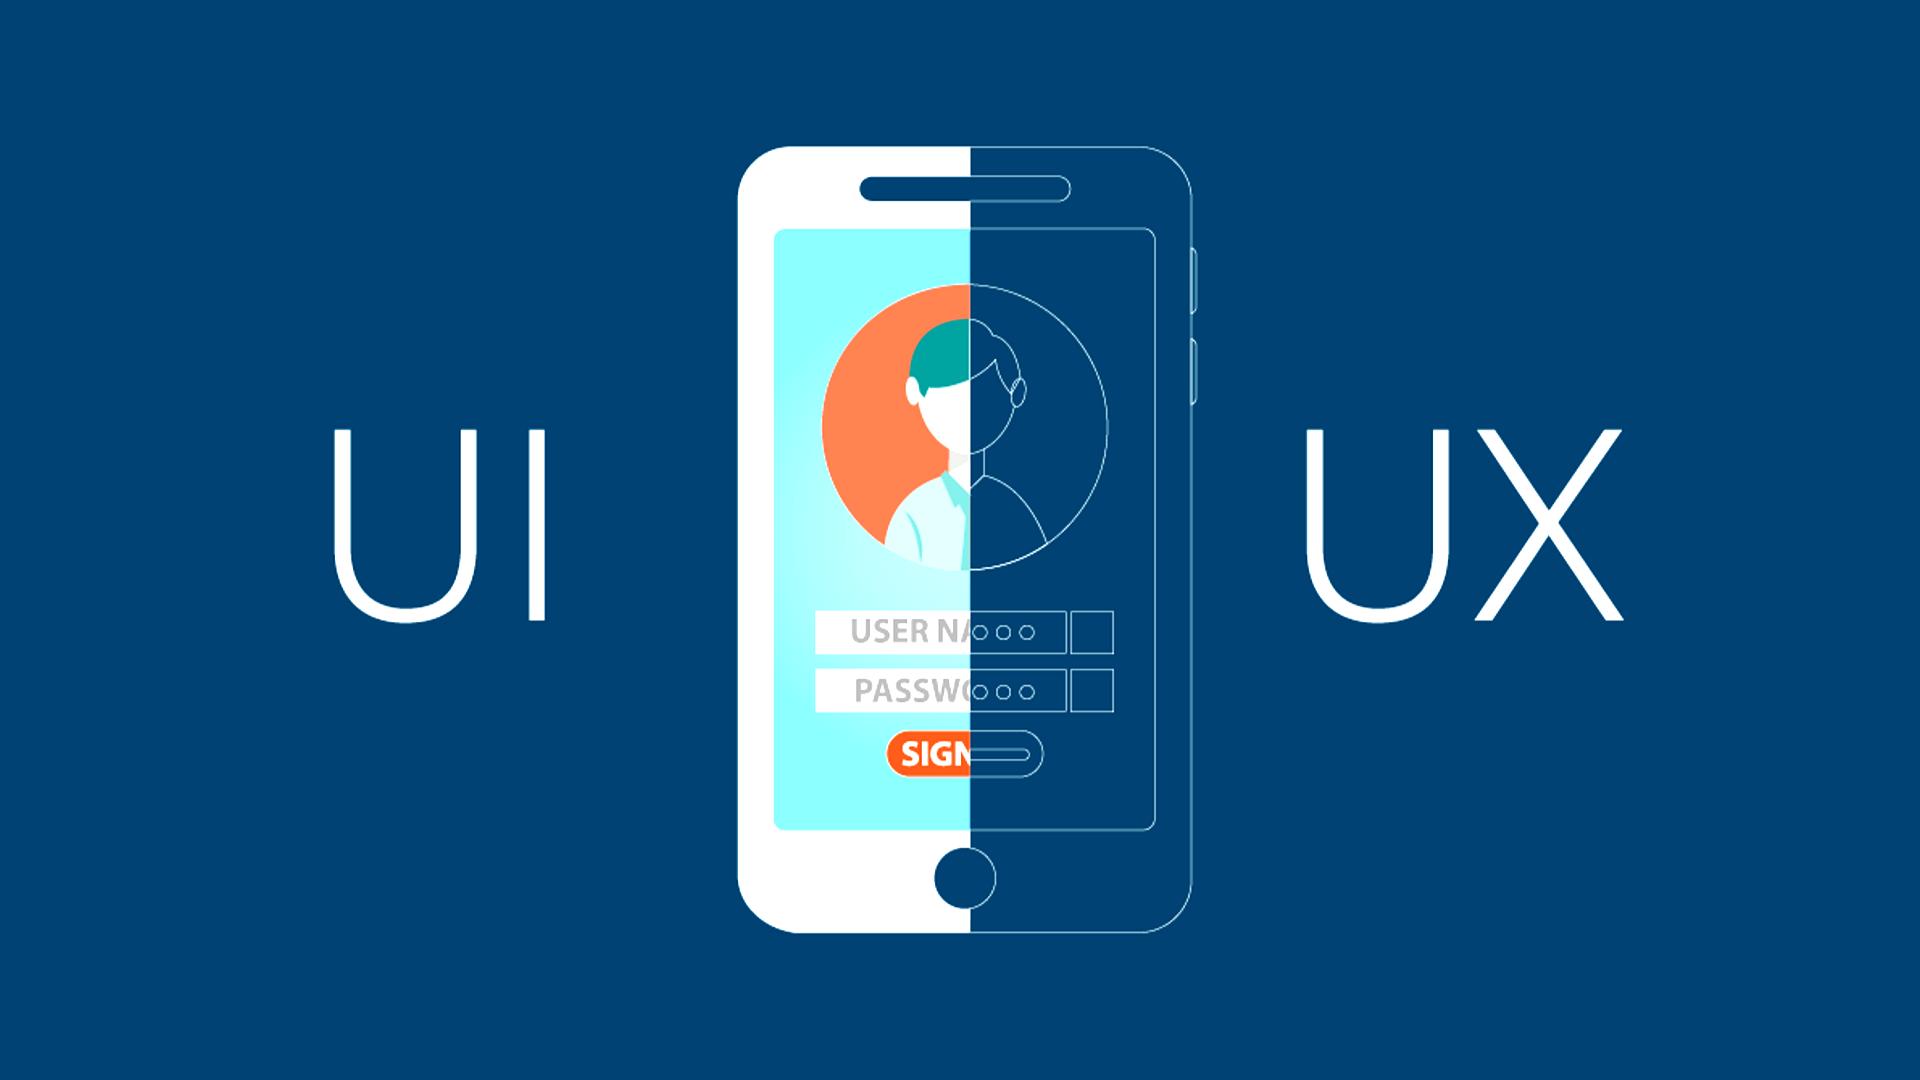 ux-ui-designing